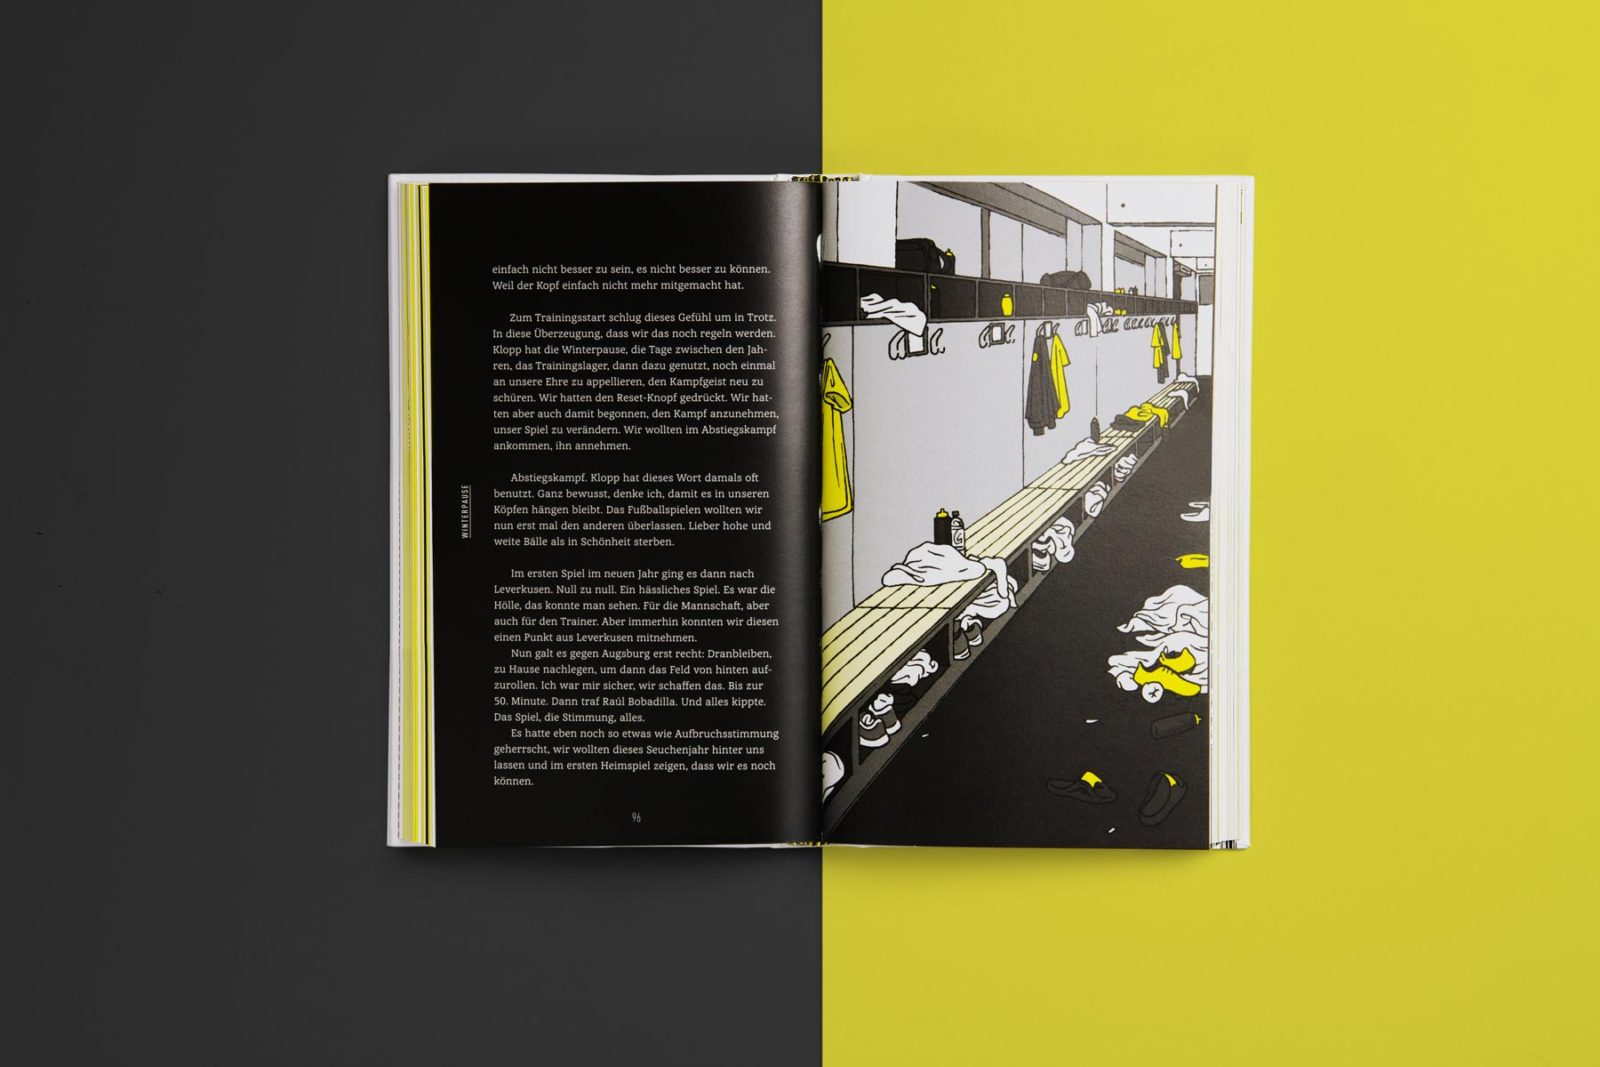 Editienne Grafikdesign - Kommunikationsdesign Berlin- Buchcoverdesign und Buchgestaltung Borussia Dortmund- BVB Buch 15